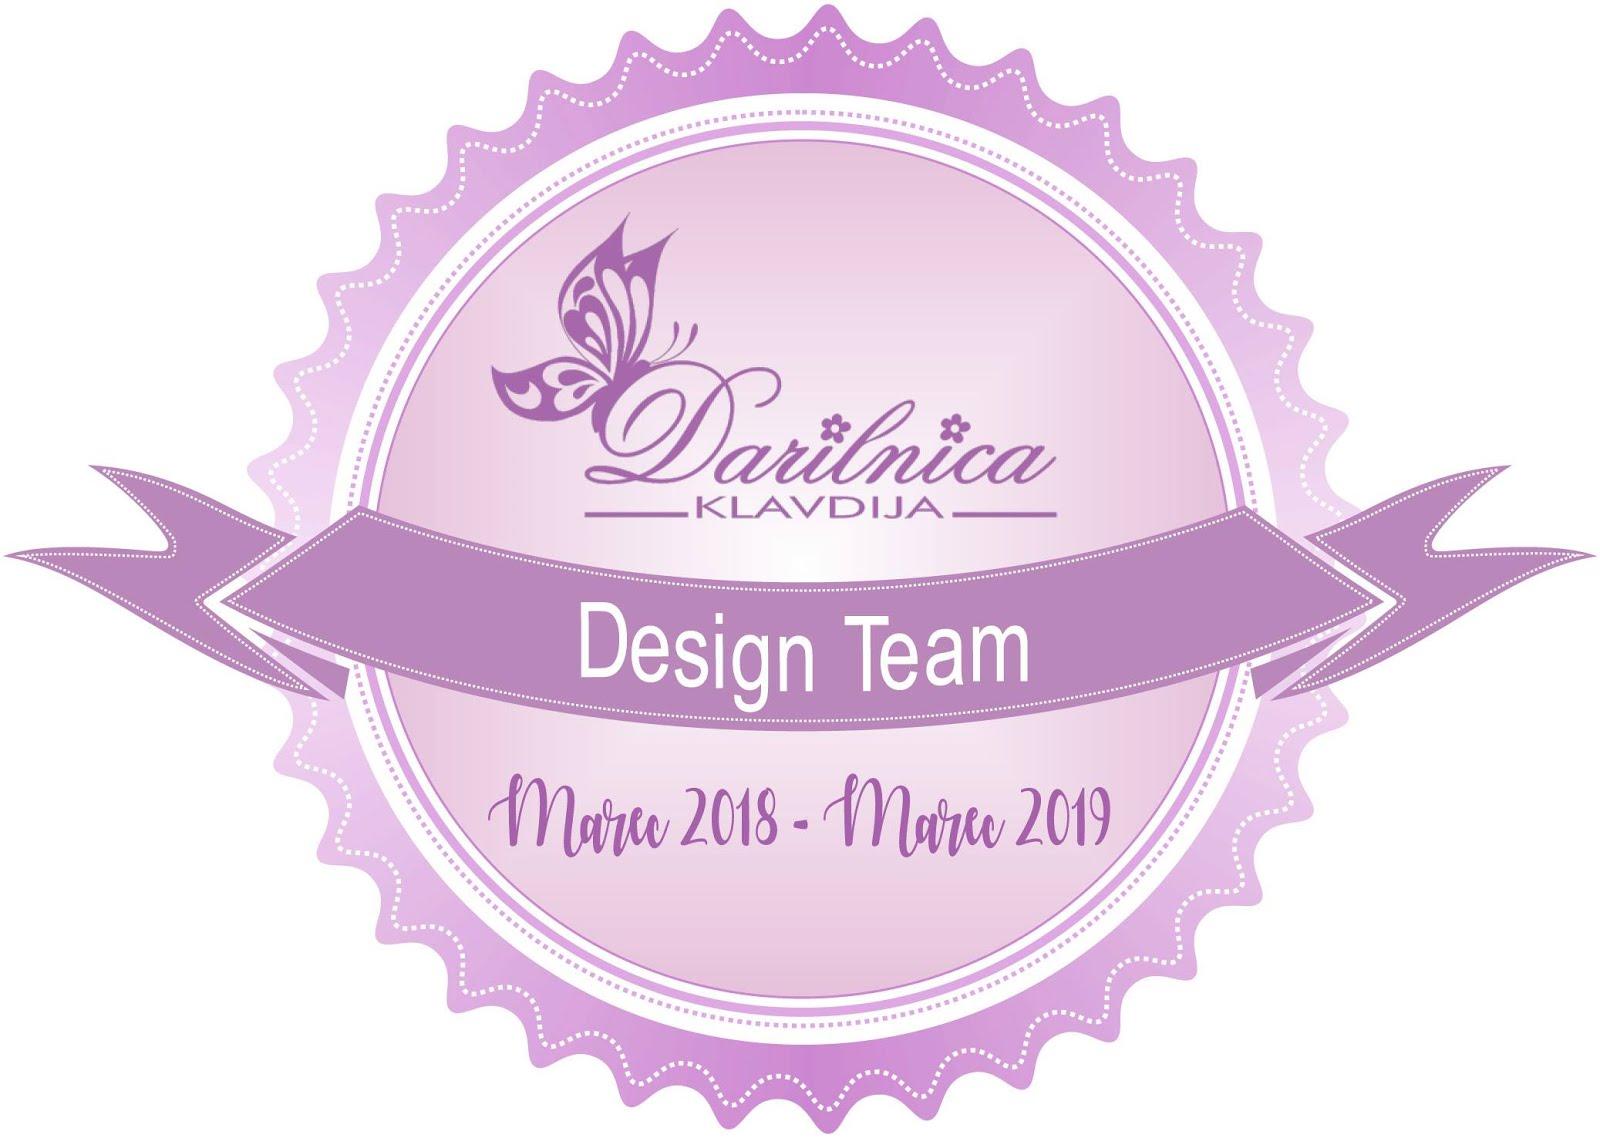 Design team Darilnica Klavdija